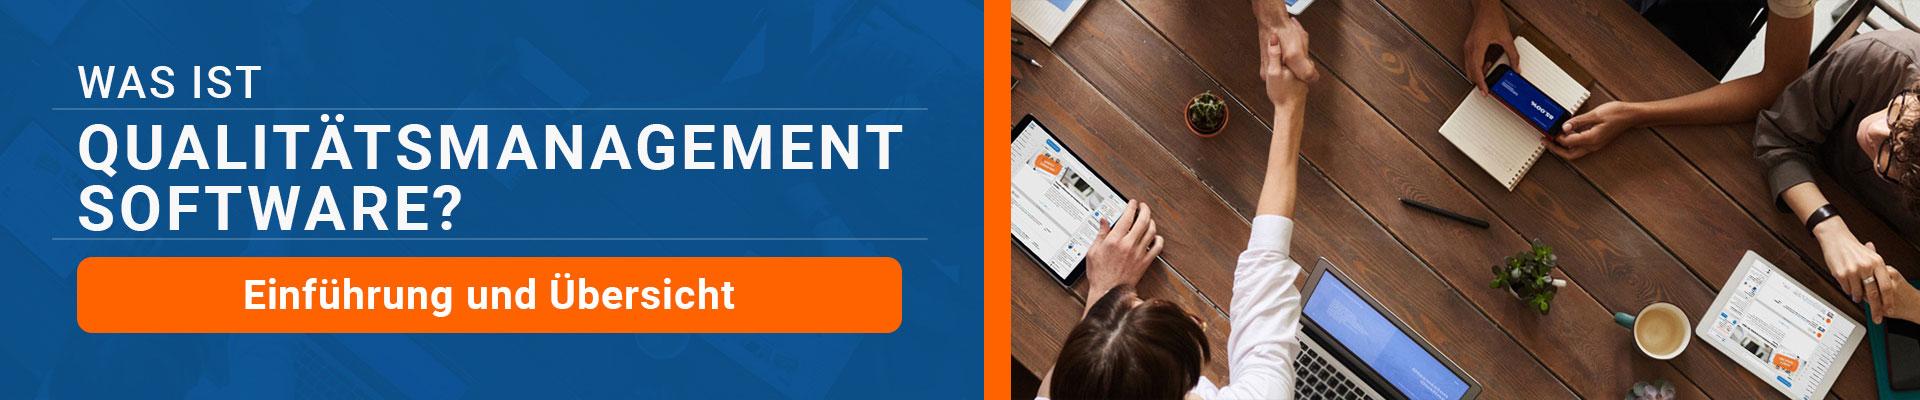 was-ist-qualitaetsmanagement-software-header